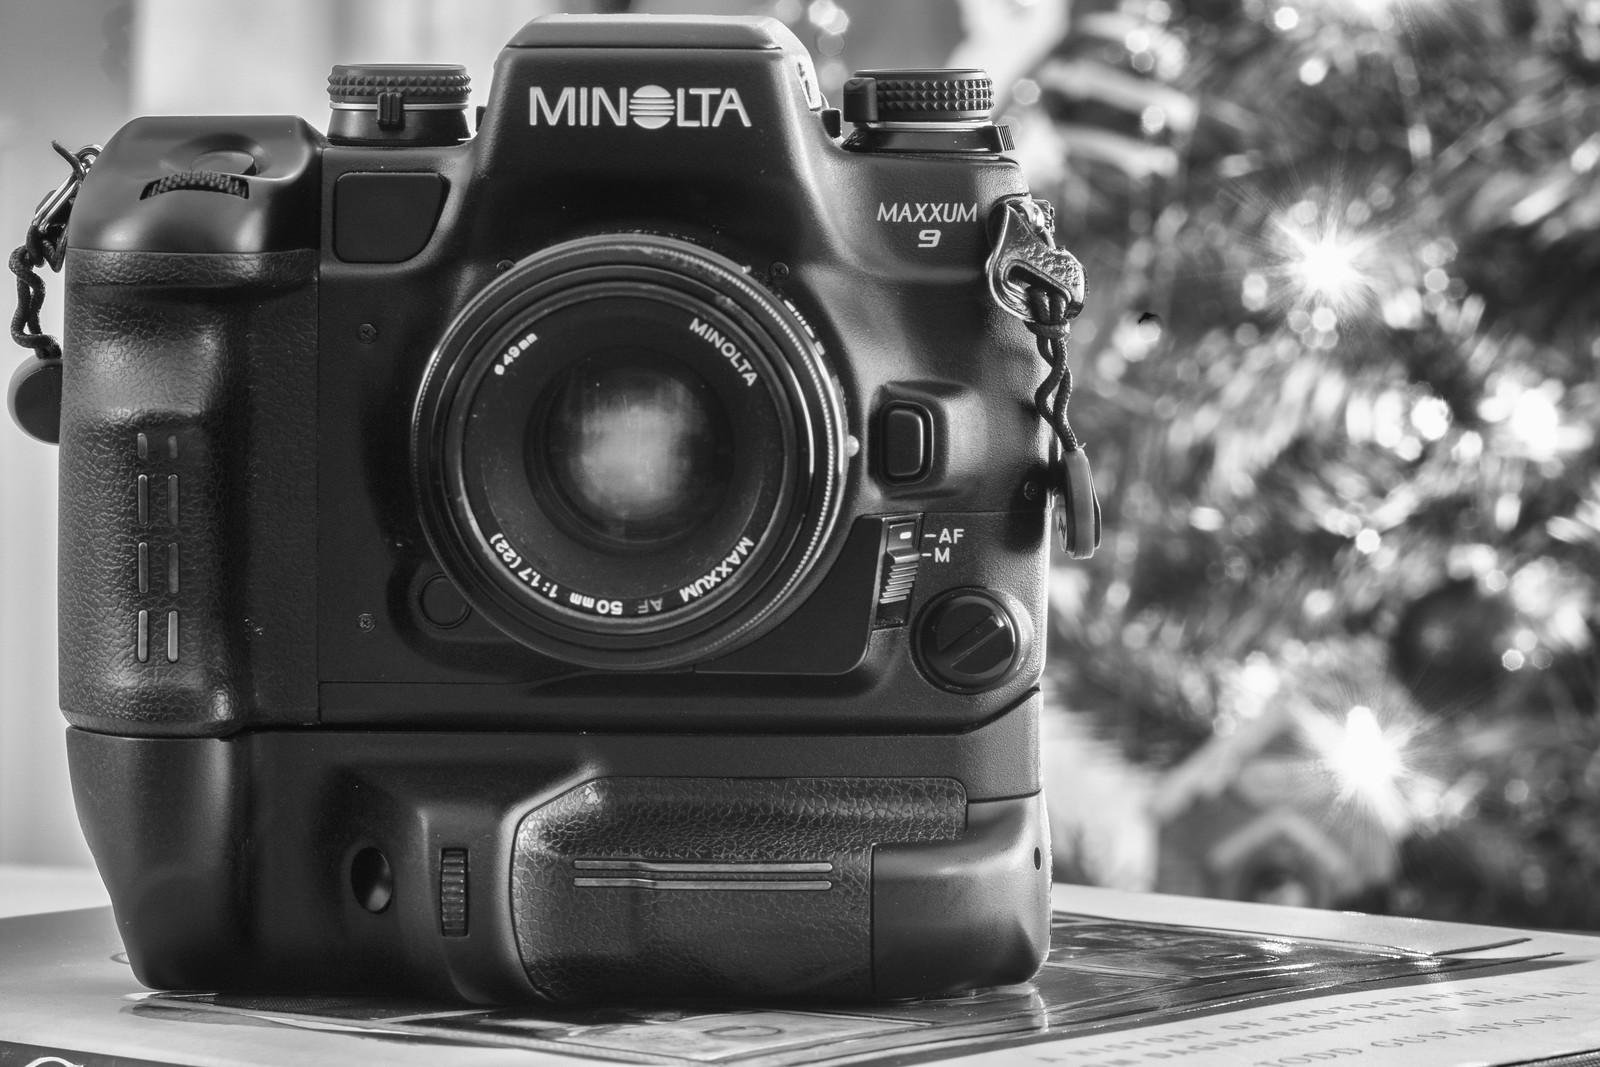 The Tool Kit - 2019 - Minolta Maxxum 9